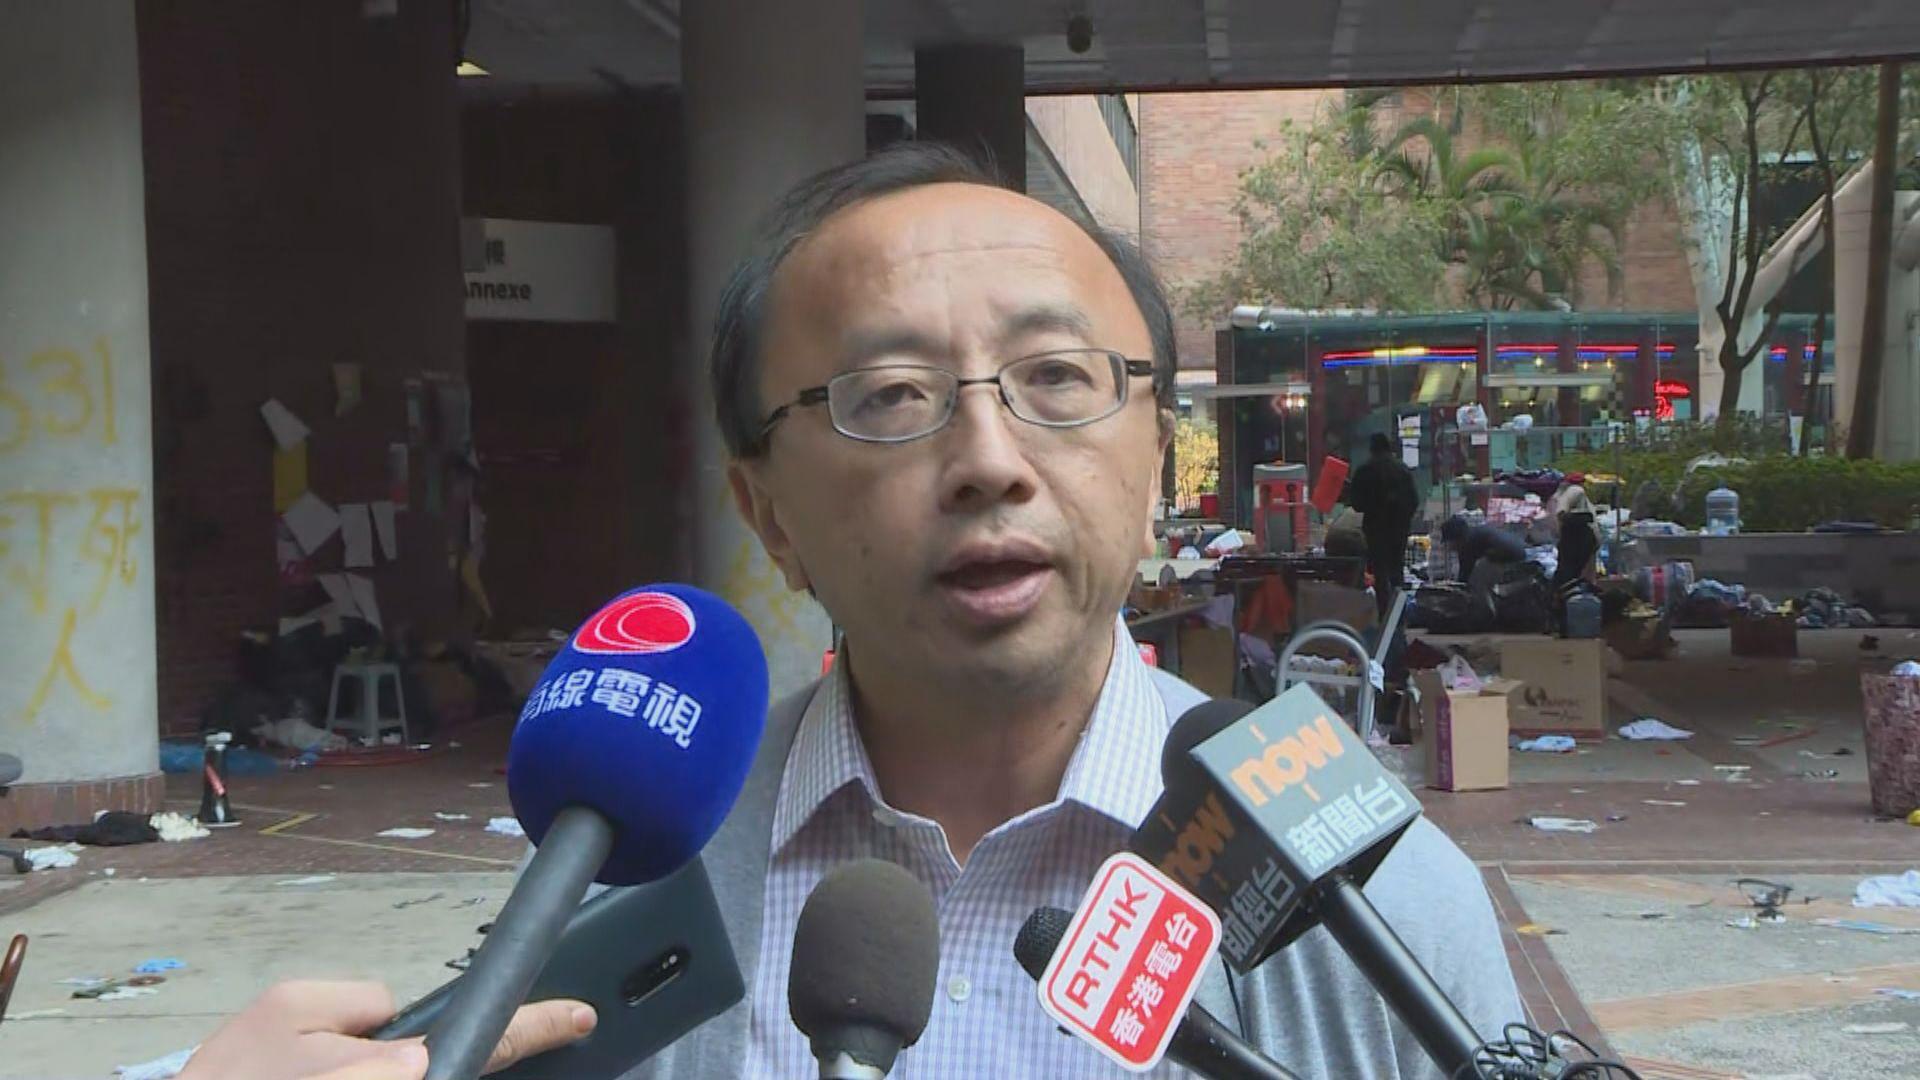 張達明:純粹離開校園不足證曾出現暴動現場